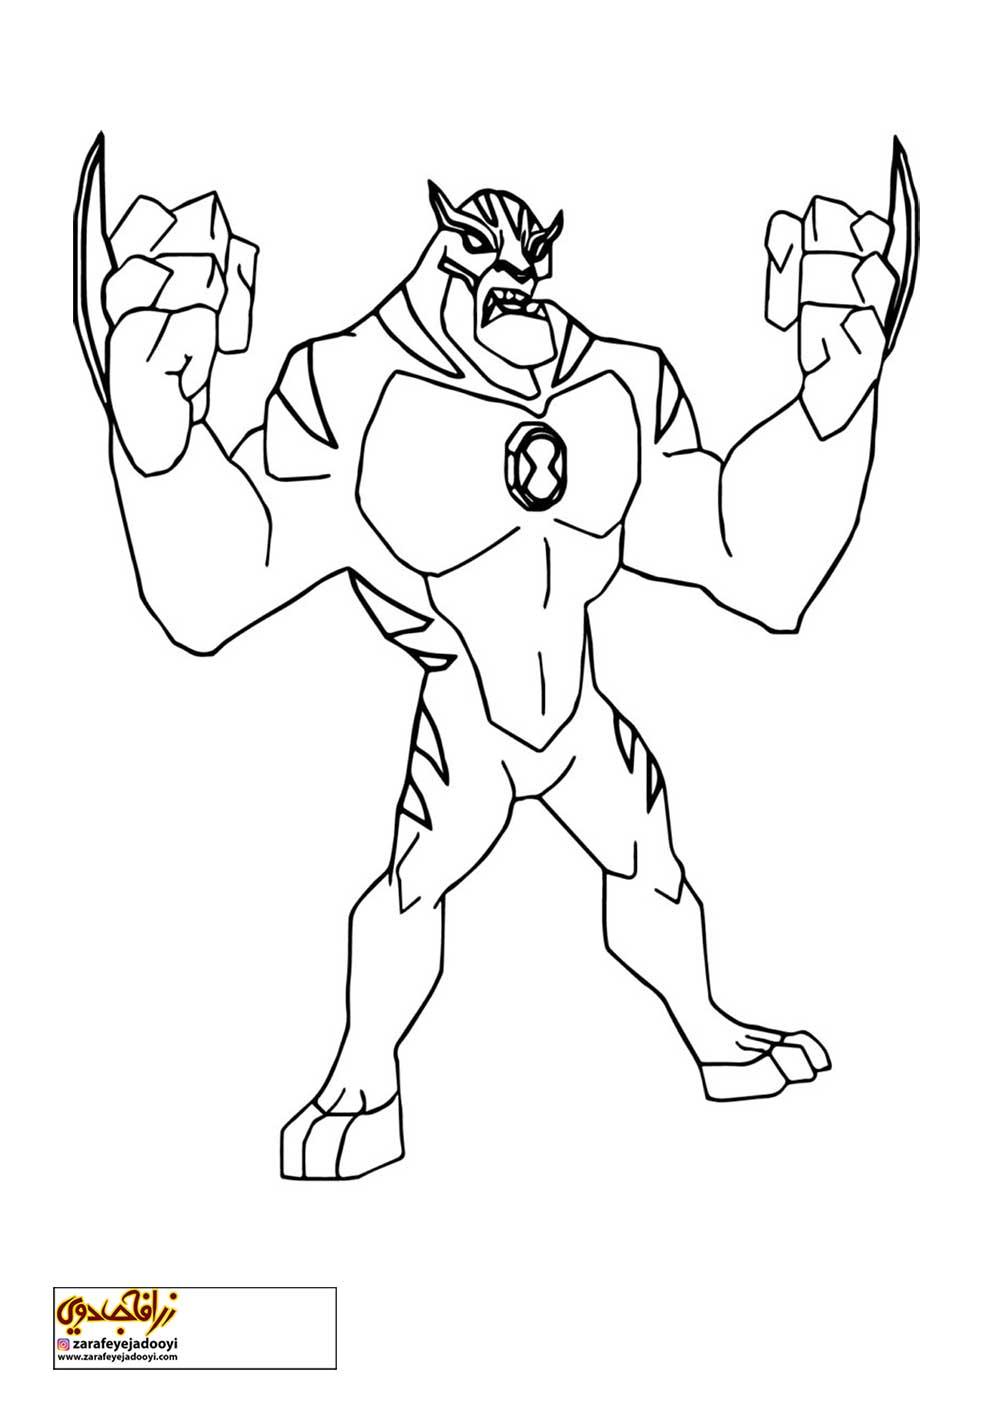 زرافه-جادویی-نقاشی-کارتون-بن-تن-19